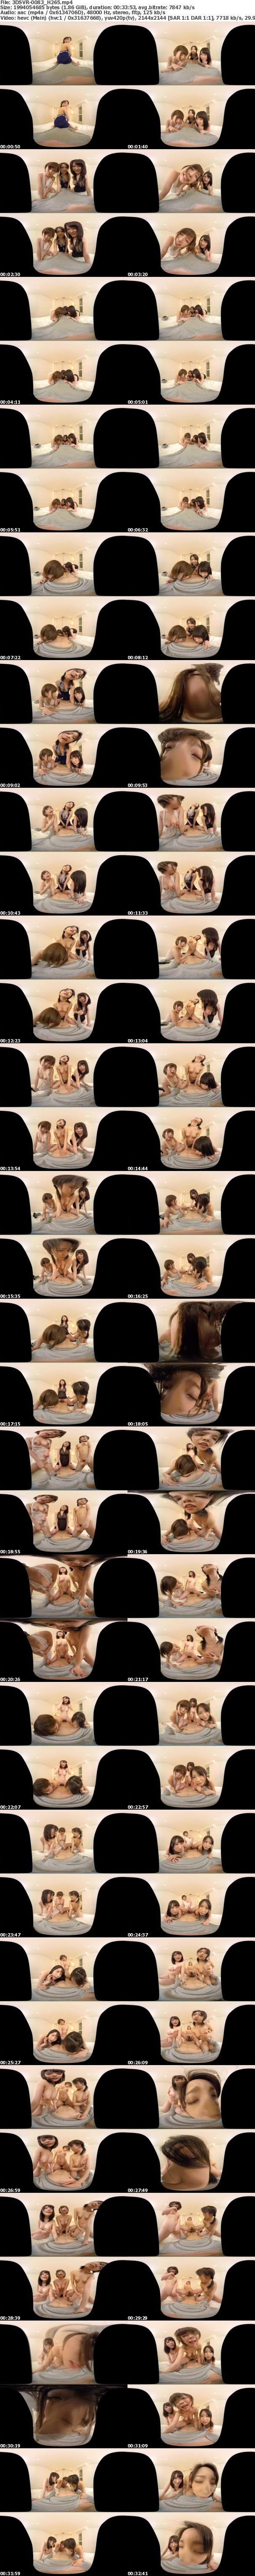 VR/3D 3DSVR-0083 【VR】SODstar×SODVR 3D star女優 紗倉まな、飛鳥りん、戸田真琴の3人と夢のハーレム!キスたっぷり僕のチ○ポ奪い合い小悪魔痴女全員挿入SEX 最後は耳元で「中に出して」と囁かれてそのまま中出しスペシャル!